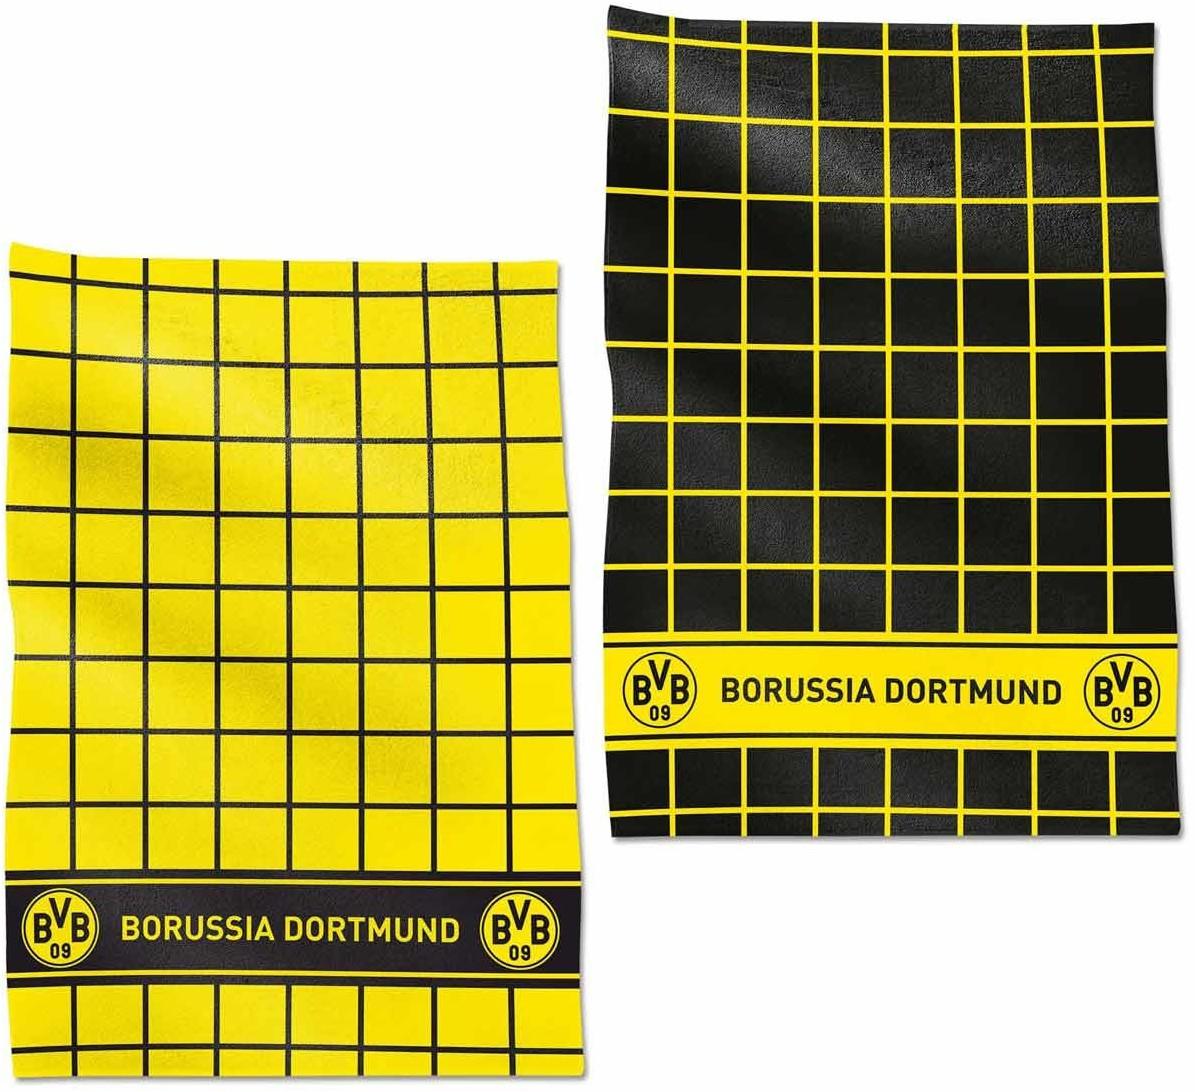 BVB Geschirrhandtuch 2er-Set 15703000